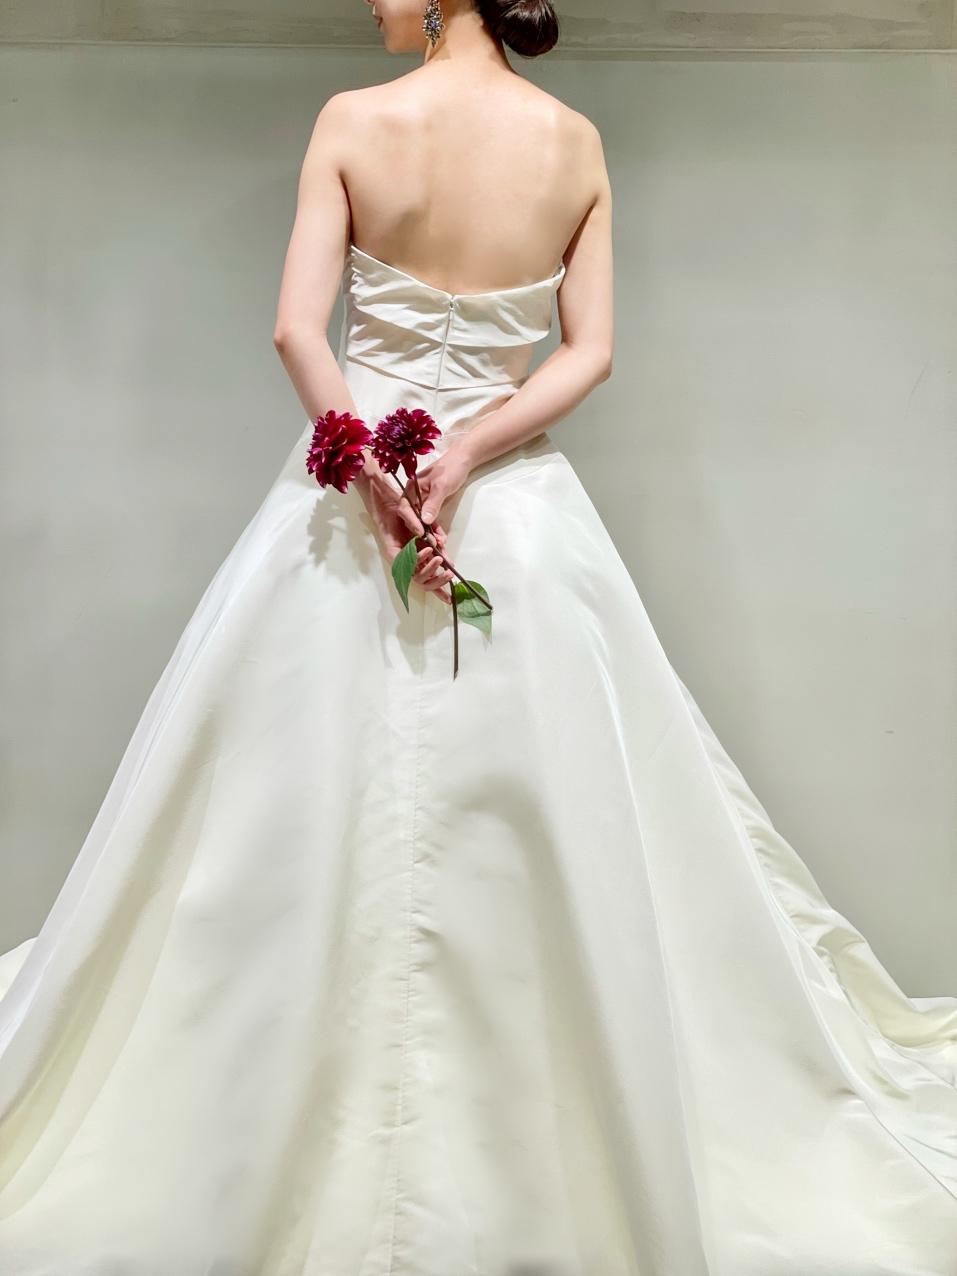 背中の見え方が美しいザ・トリートドレッシングのビスチェタイプのシルクのウェディングドレスに赤のブーケを合わせた大人っぽいコーディネート